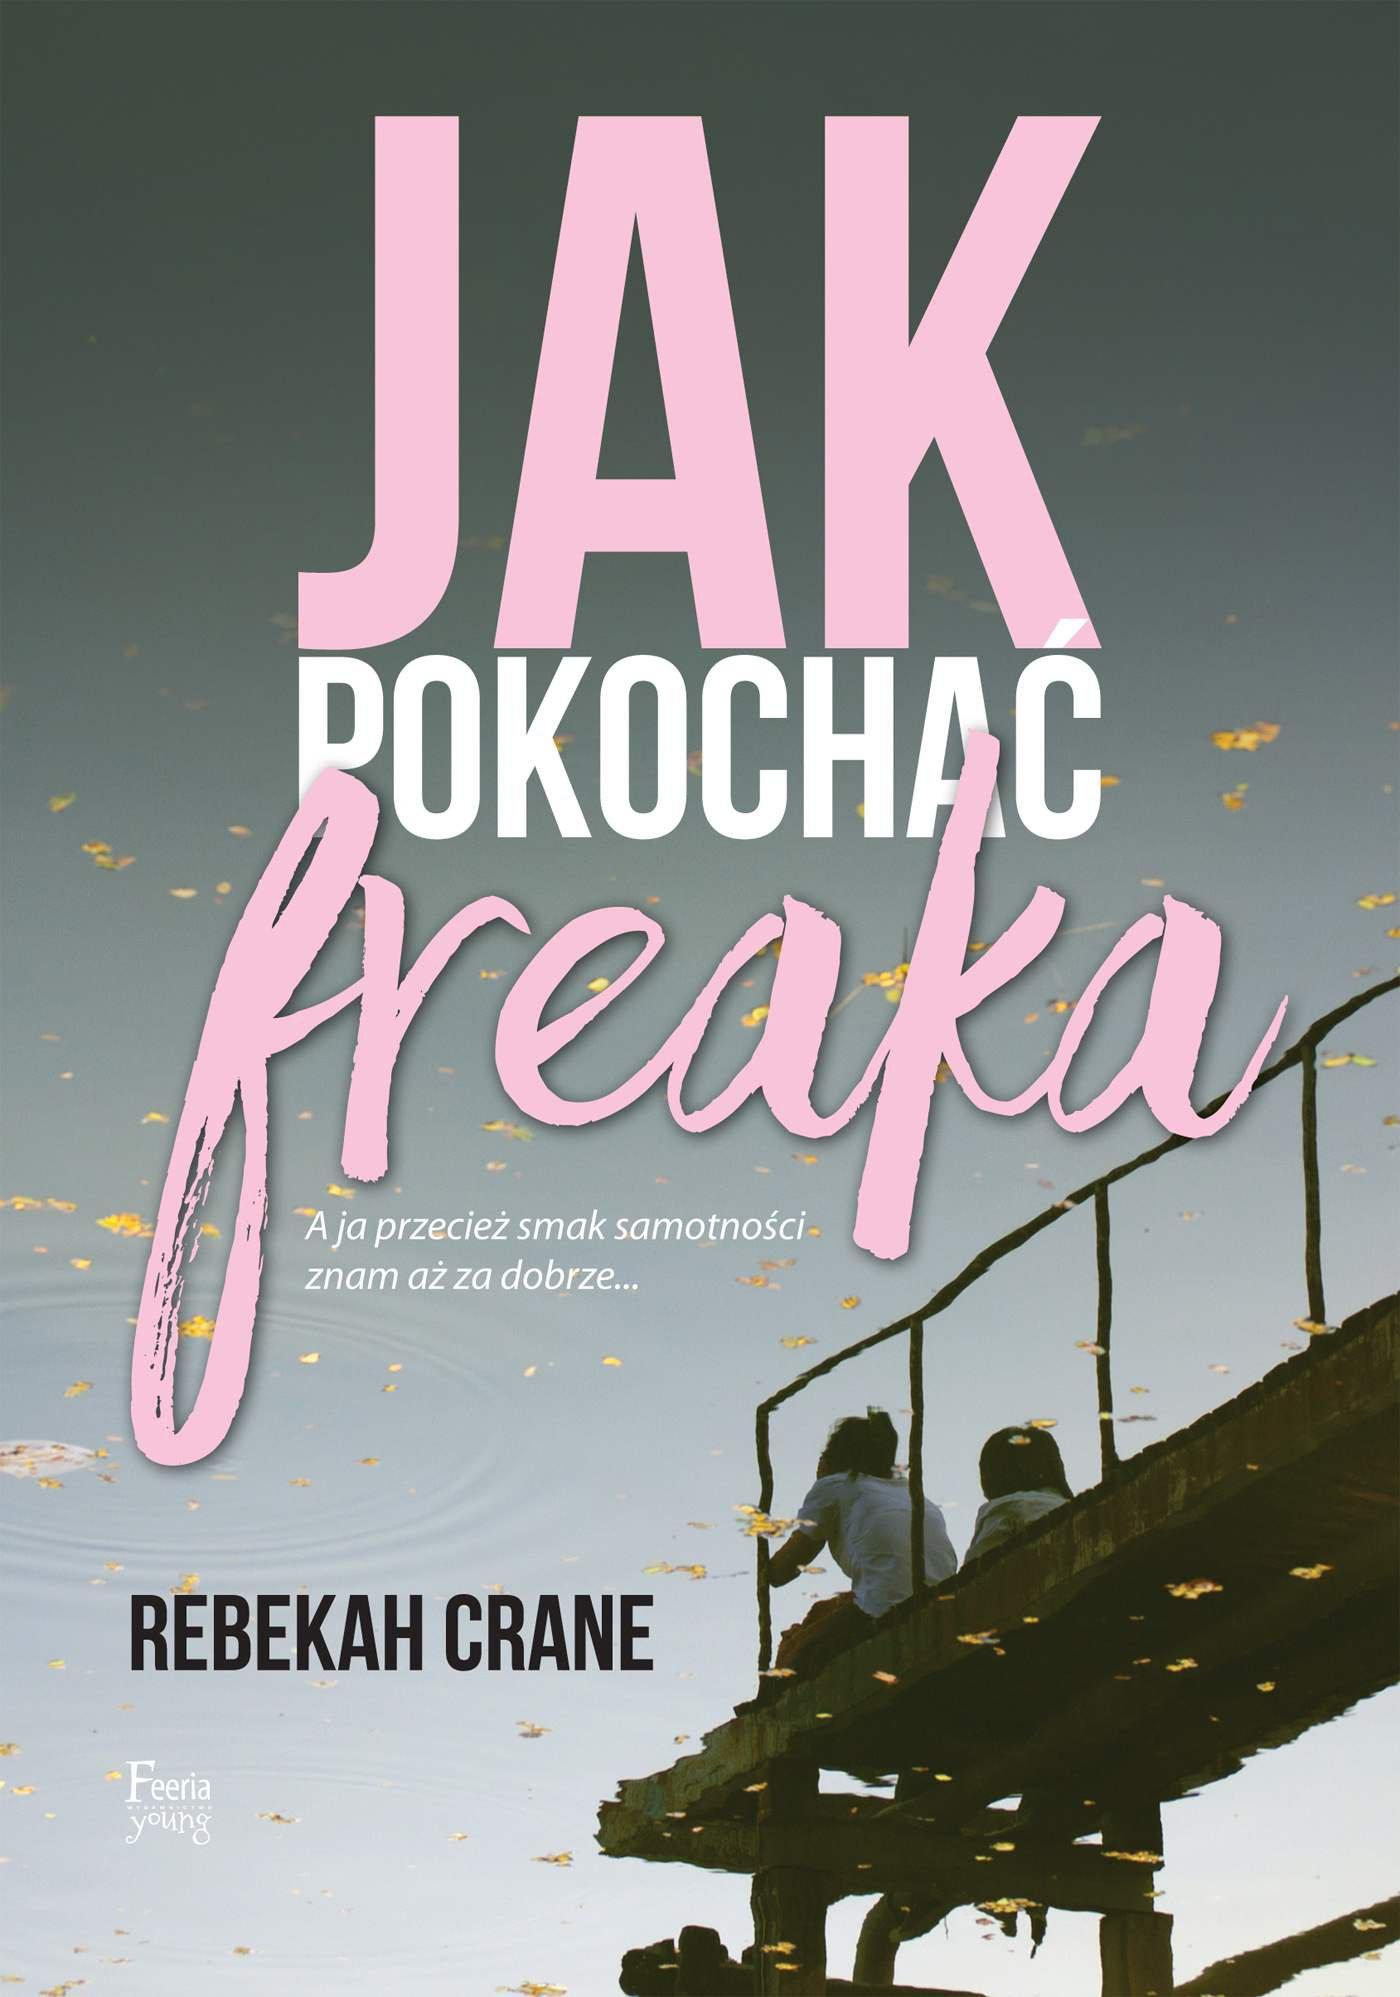 Jak pokochać freaka - Ebook (Książka EPUB) do pobrania w formacie EPUB